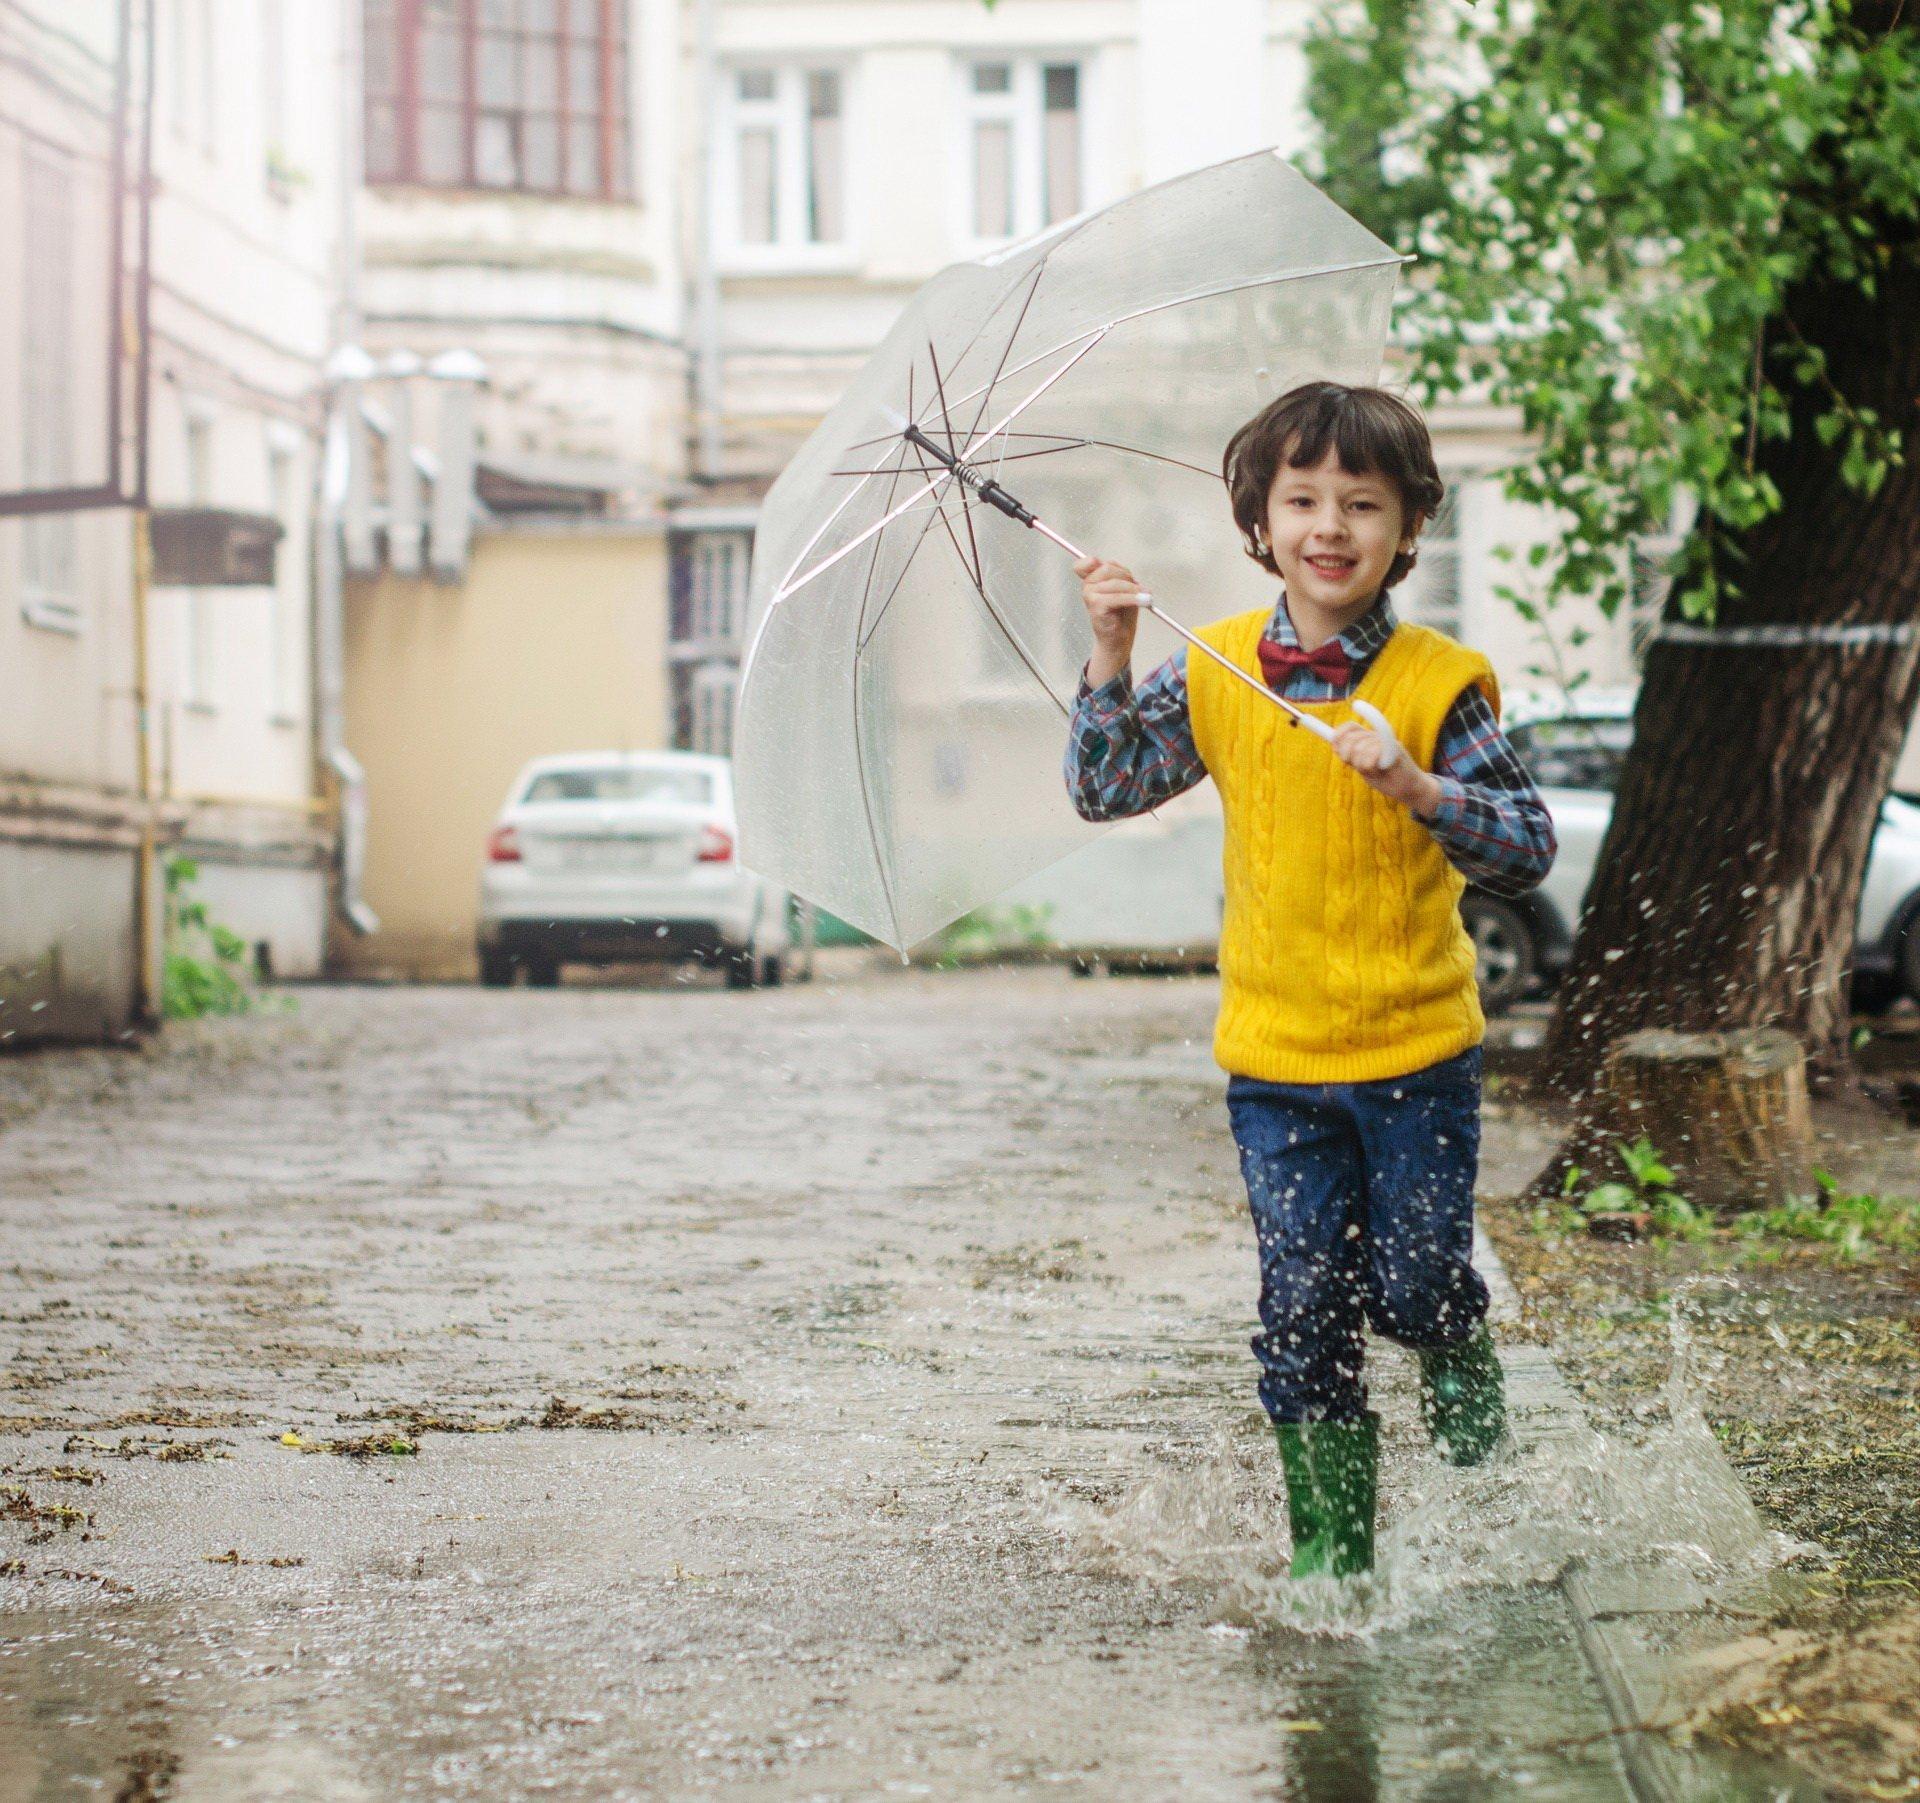 Pada deszcz, wierszyk dla dzieci o pogodzie